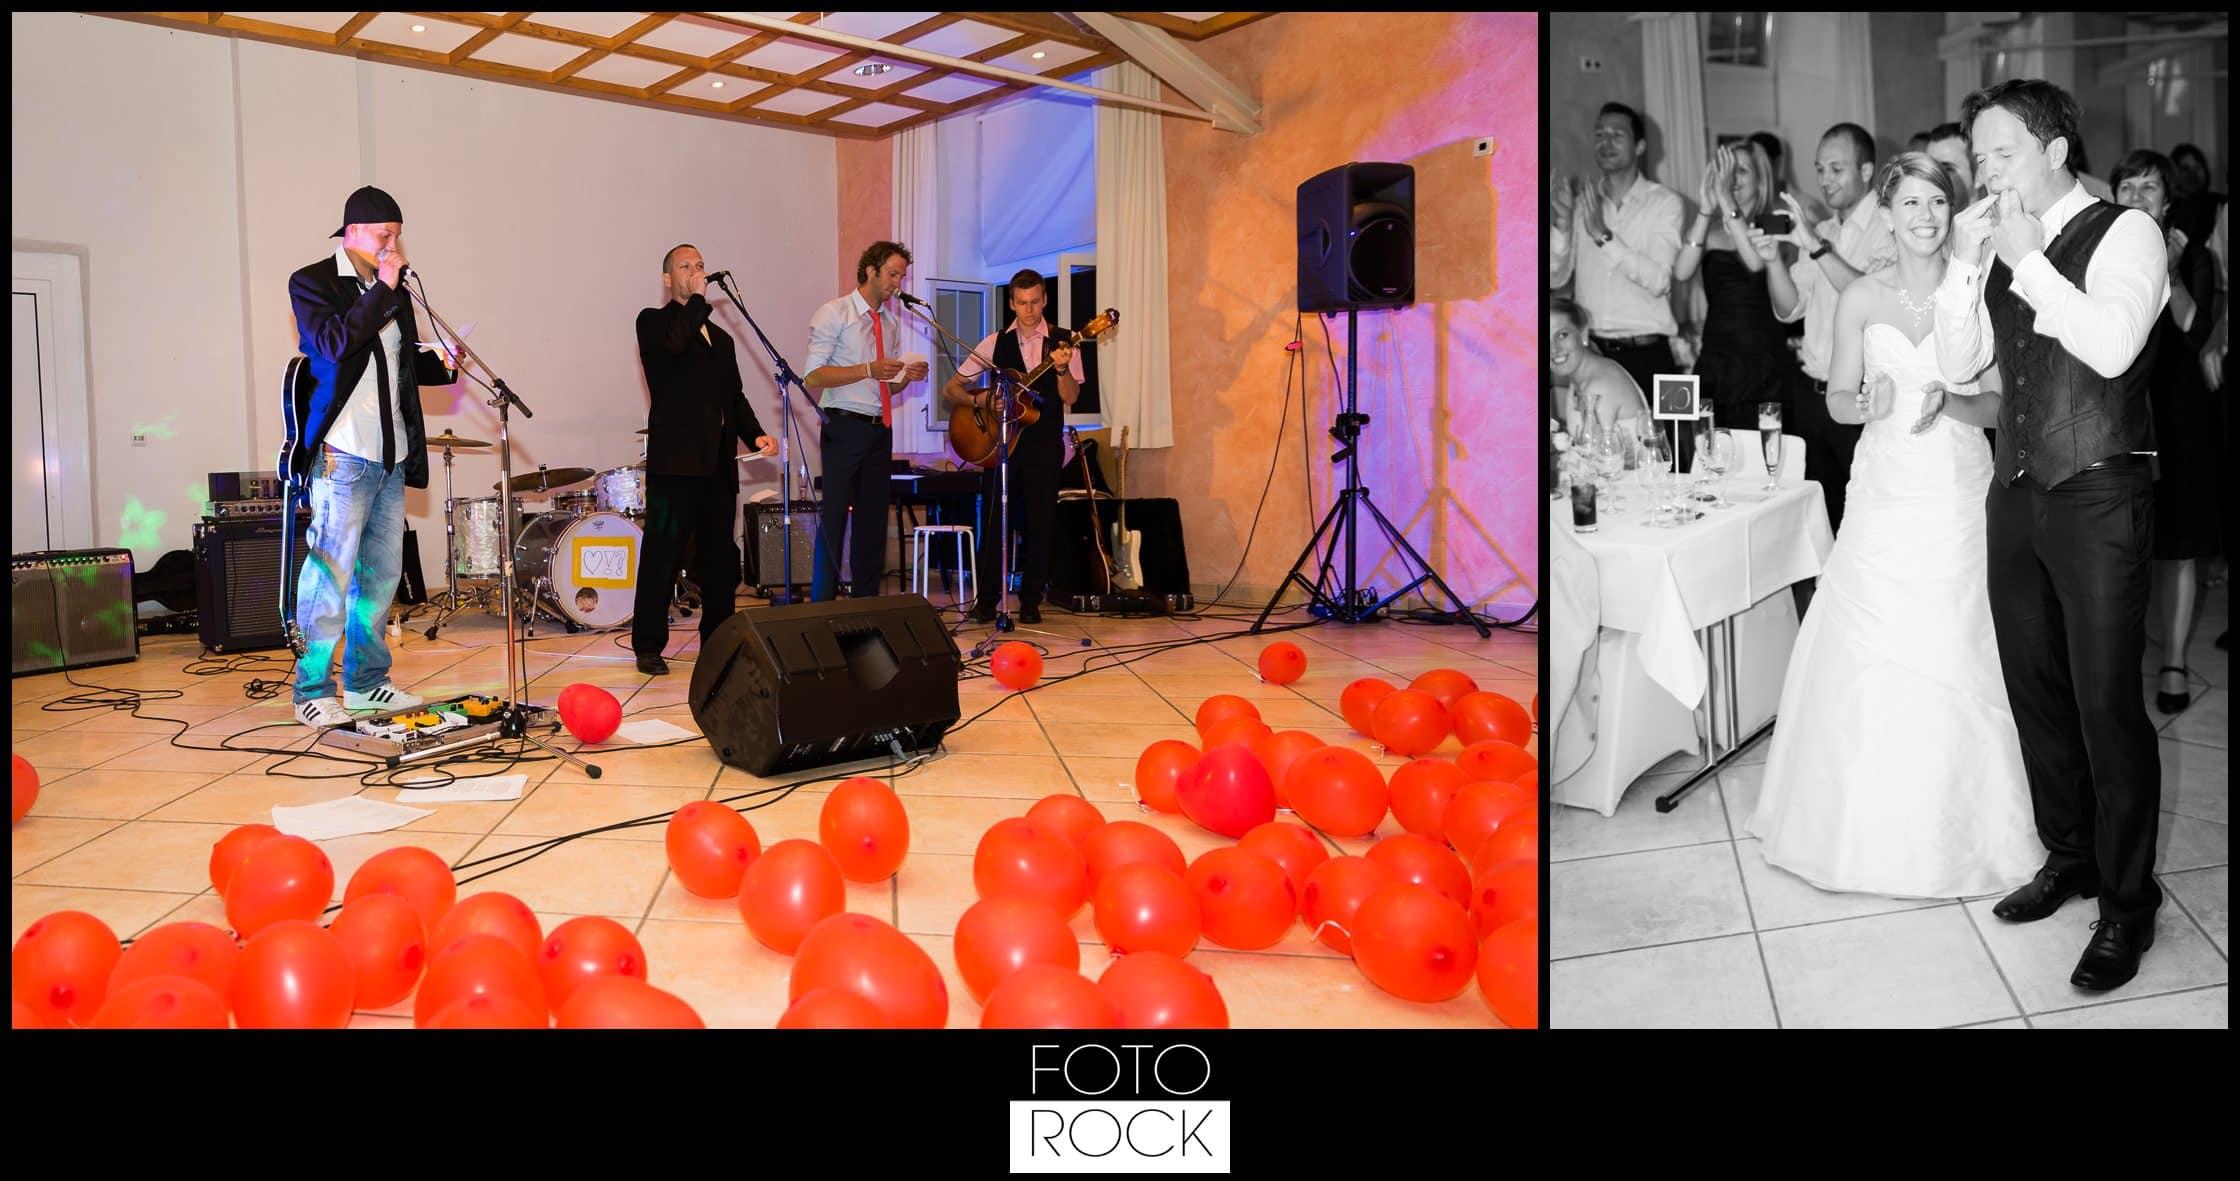 Hochzeit Lilienhof Ihringen Band Live Musik Brautpaar